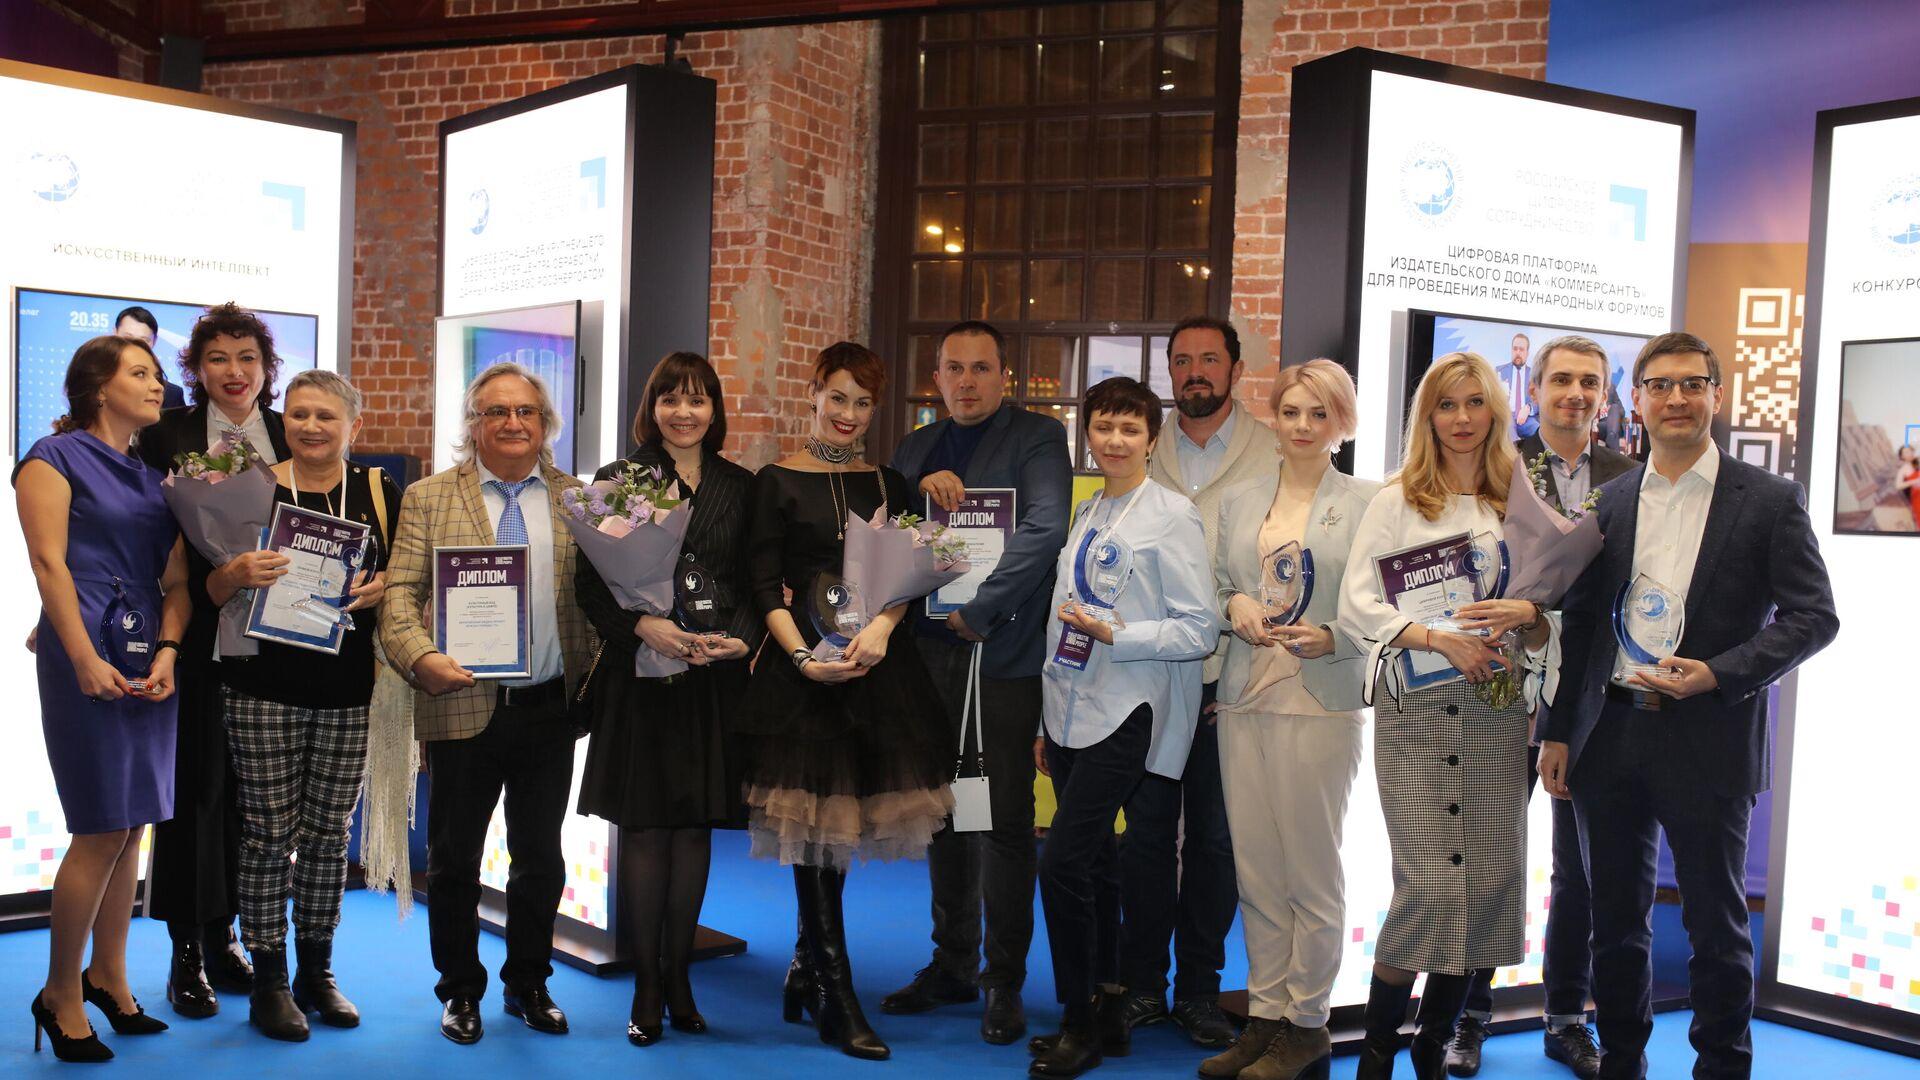 Международная премия в сфере цифровых технологий Digital People - РИА Новости, 1920, 11.12.2020